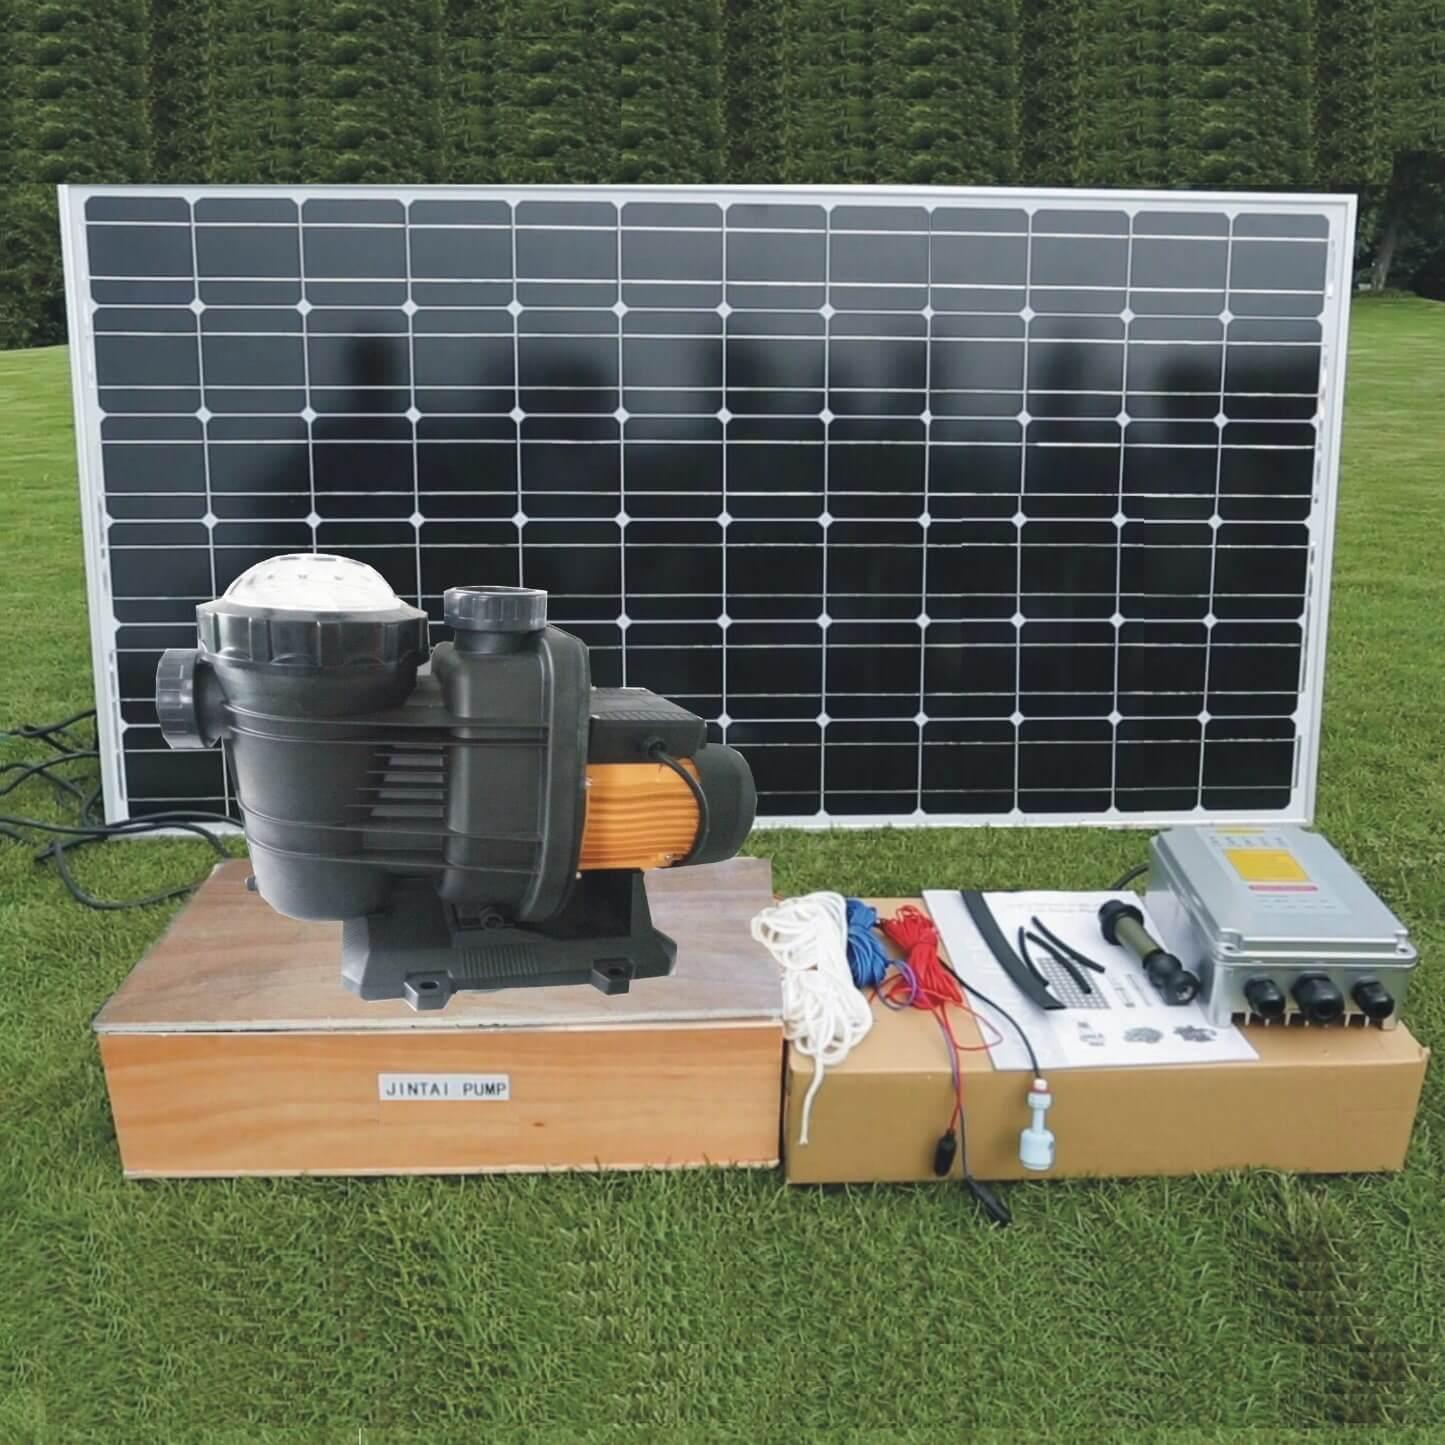 thiết bị lắp đặt hệ thống bom mặt trời